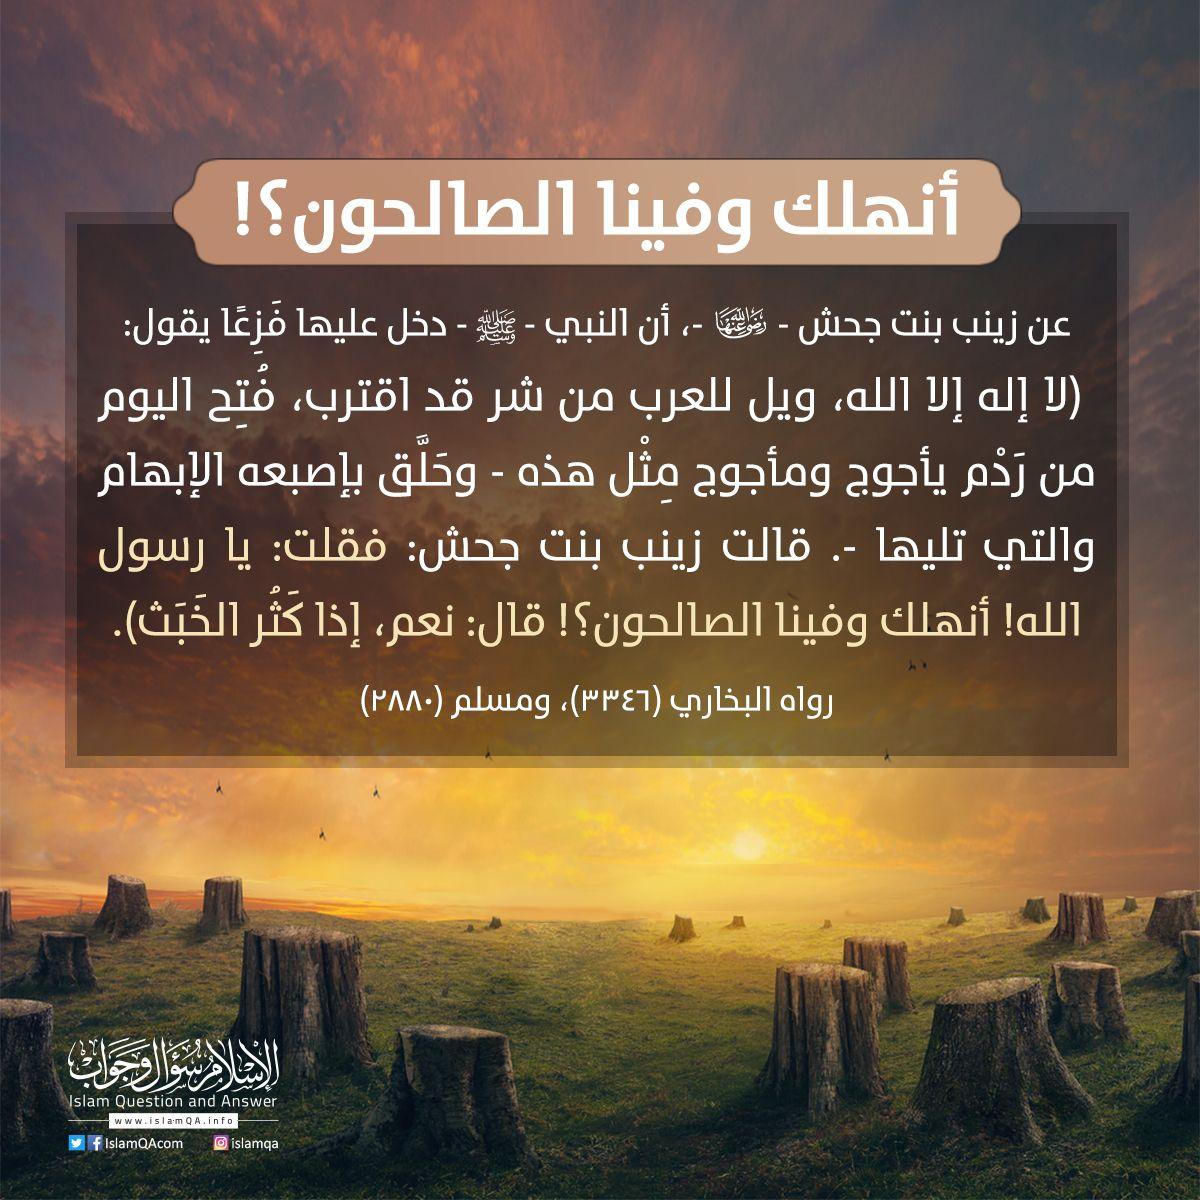 A O U U U U U U U U U U U U U U Uƒ Uˆu Usu U U U U U U U U U U U O O U Oµo U Ou U U U U U U U U U Uˆu Oÿ A Http Islamic Teachings Islam Teachings